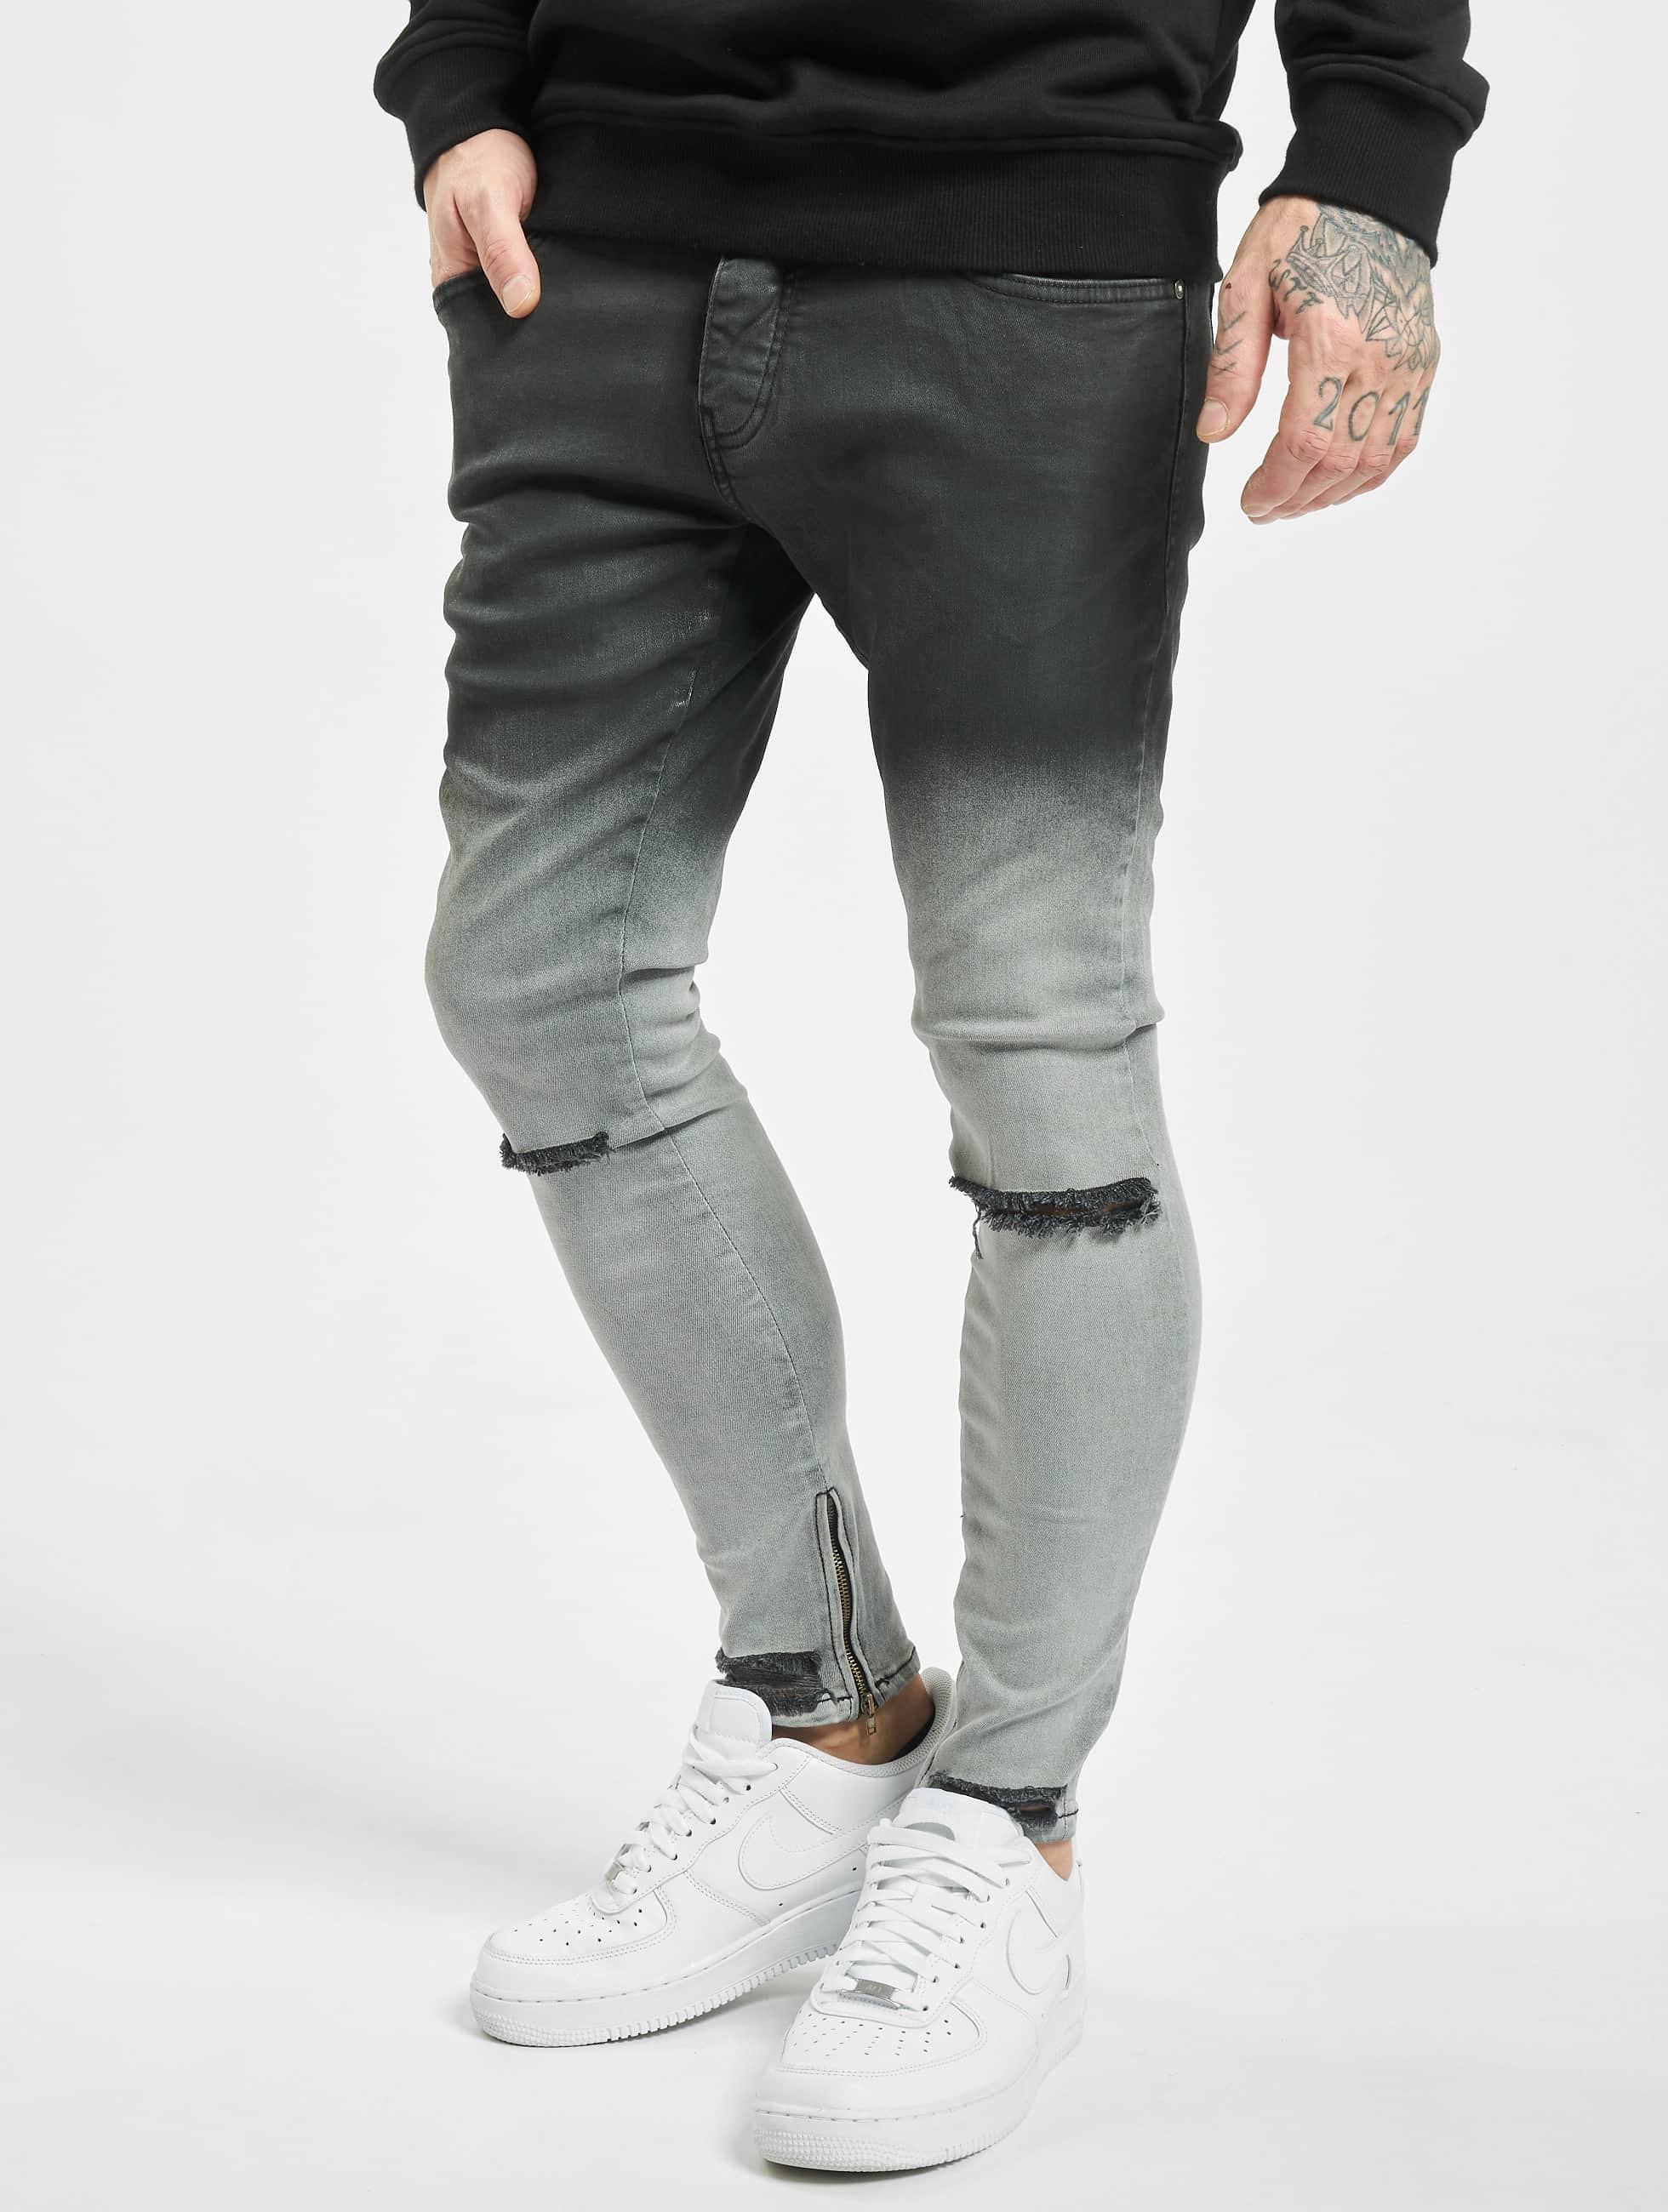 2Y / Slim Fit Jeans Mani in black W 31